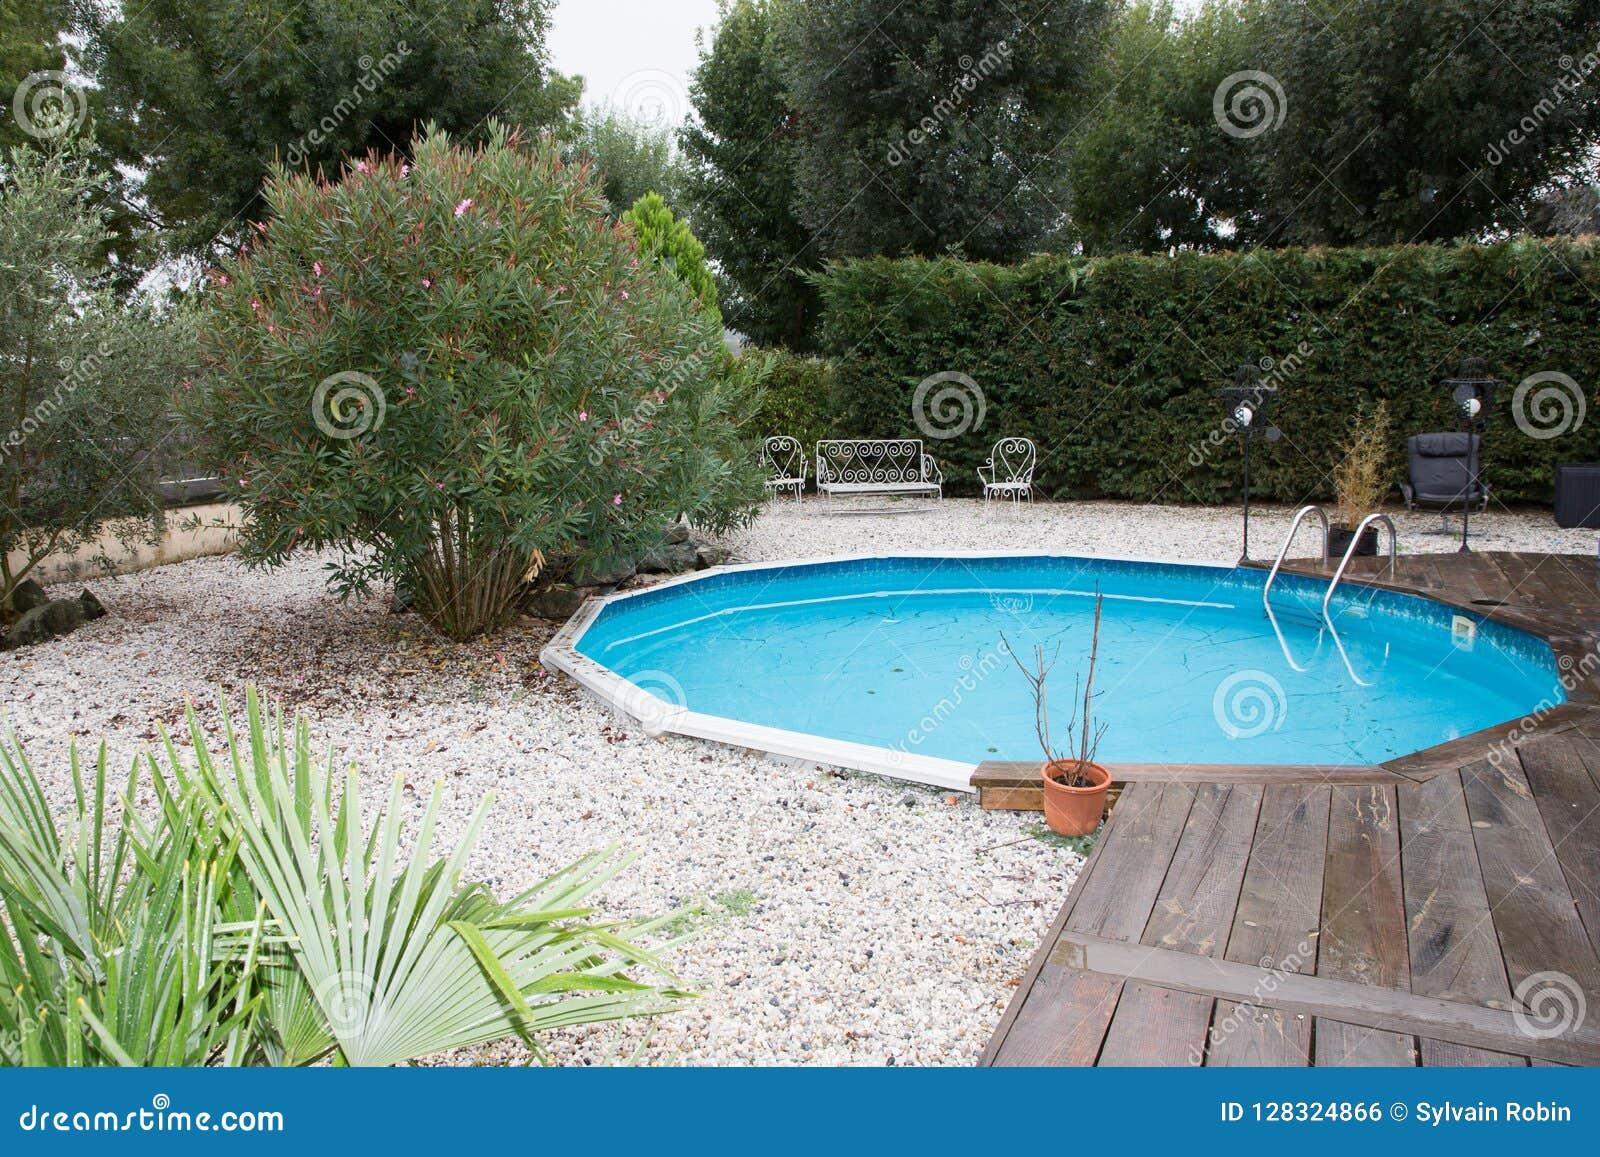 Mini Piscine Petit Jardin petite piscine ronde dans le jardin photo stock - image du